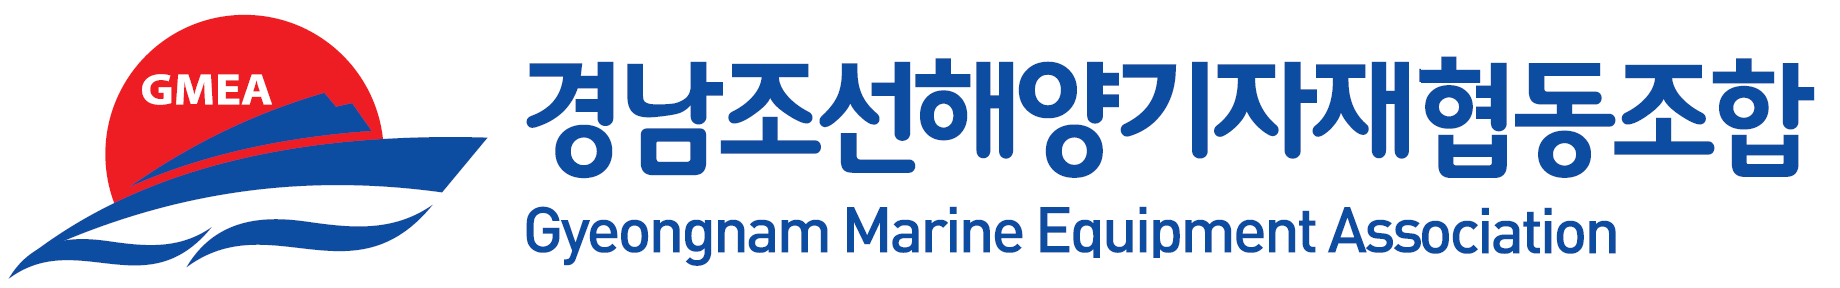 경남조선해양기자재협동조합의 기업로고